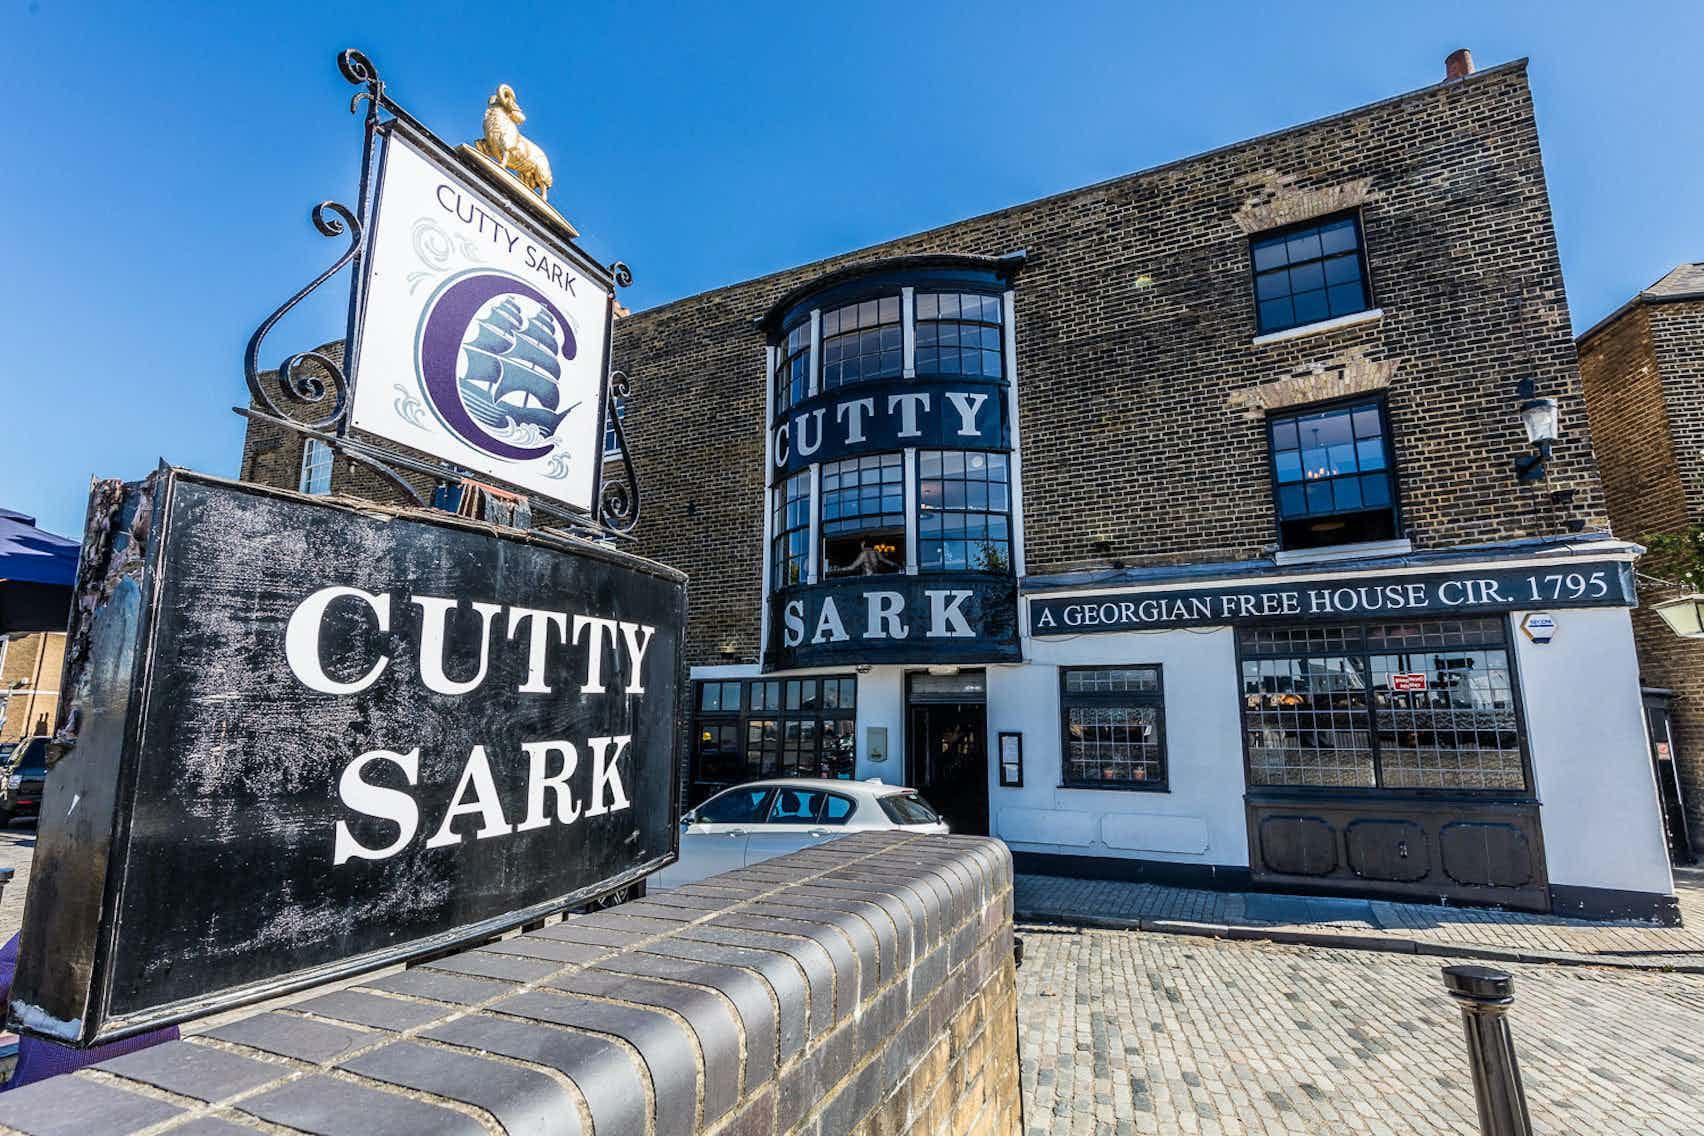 Crow's Nest, Cutty Sark